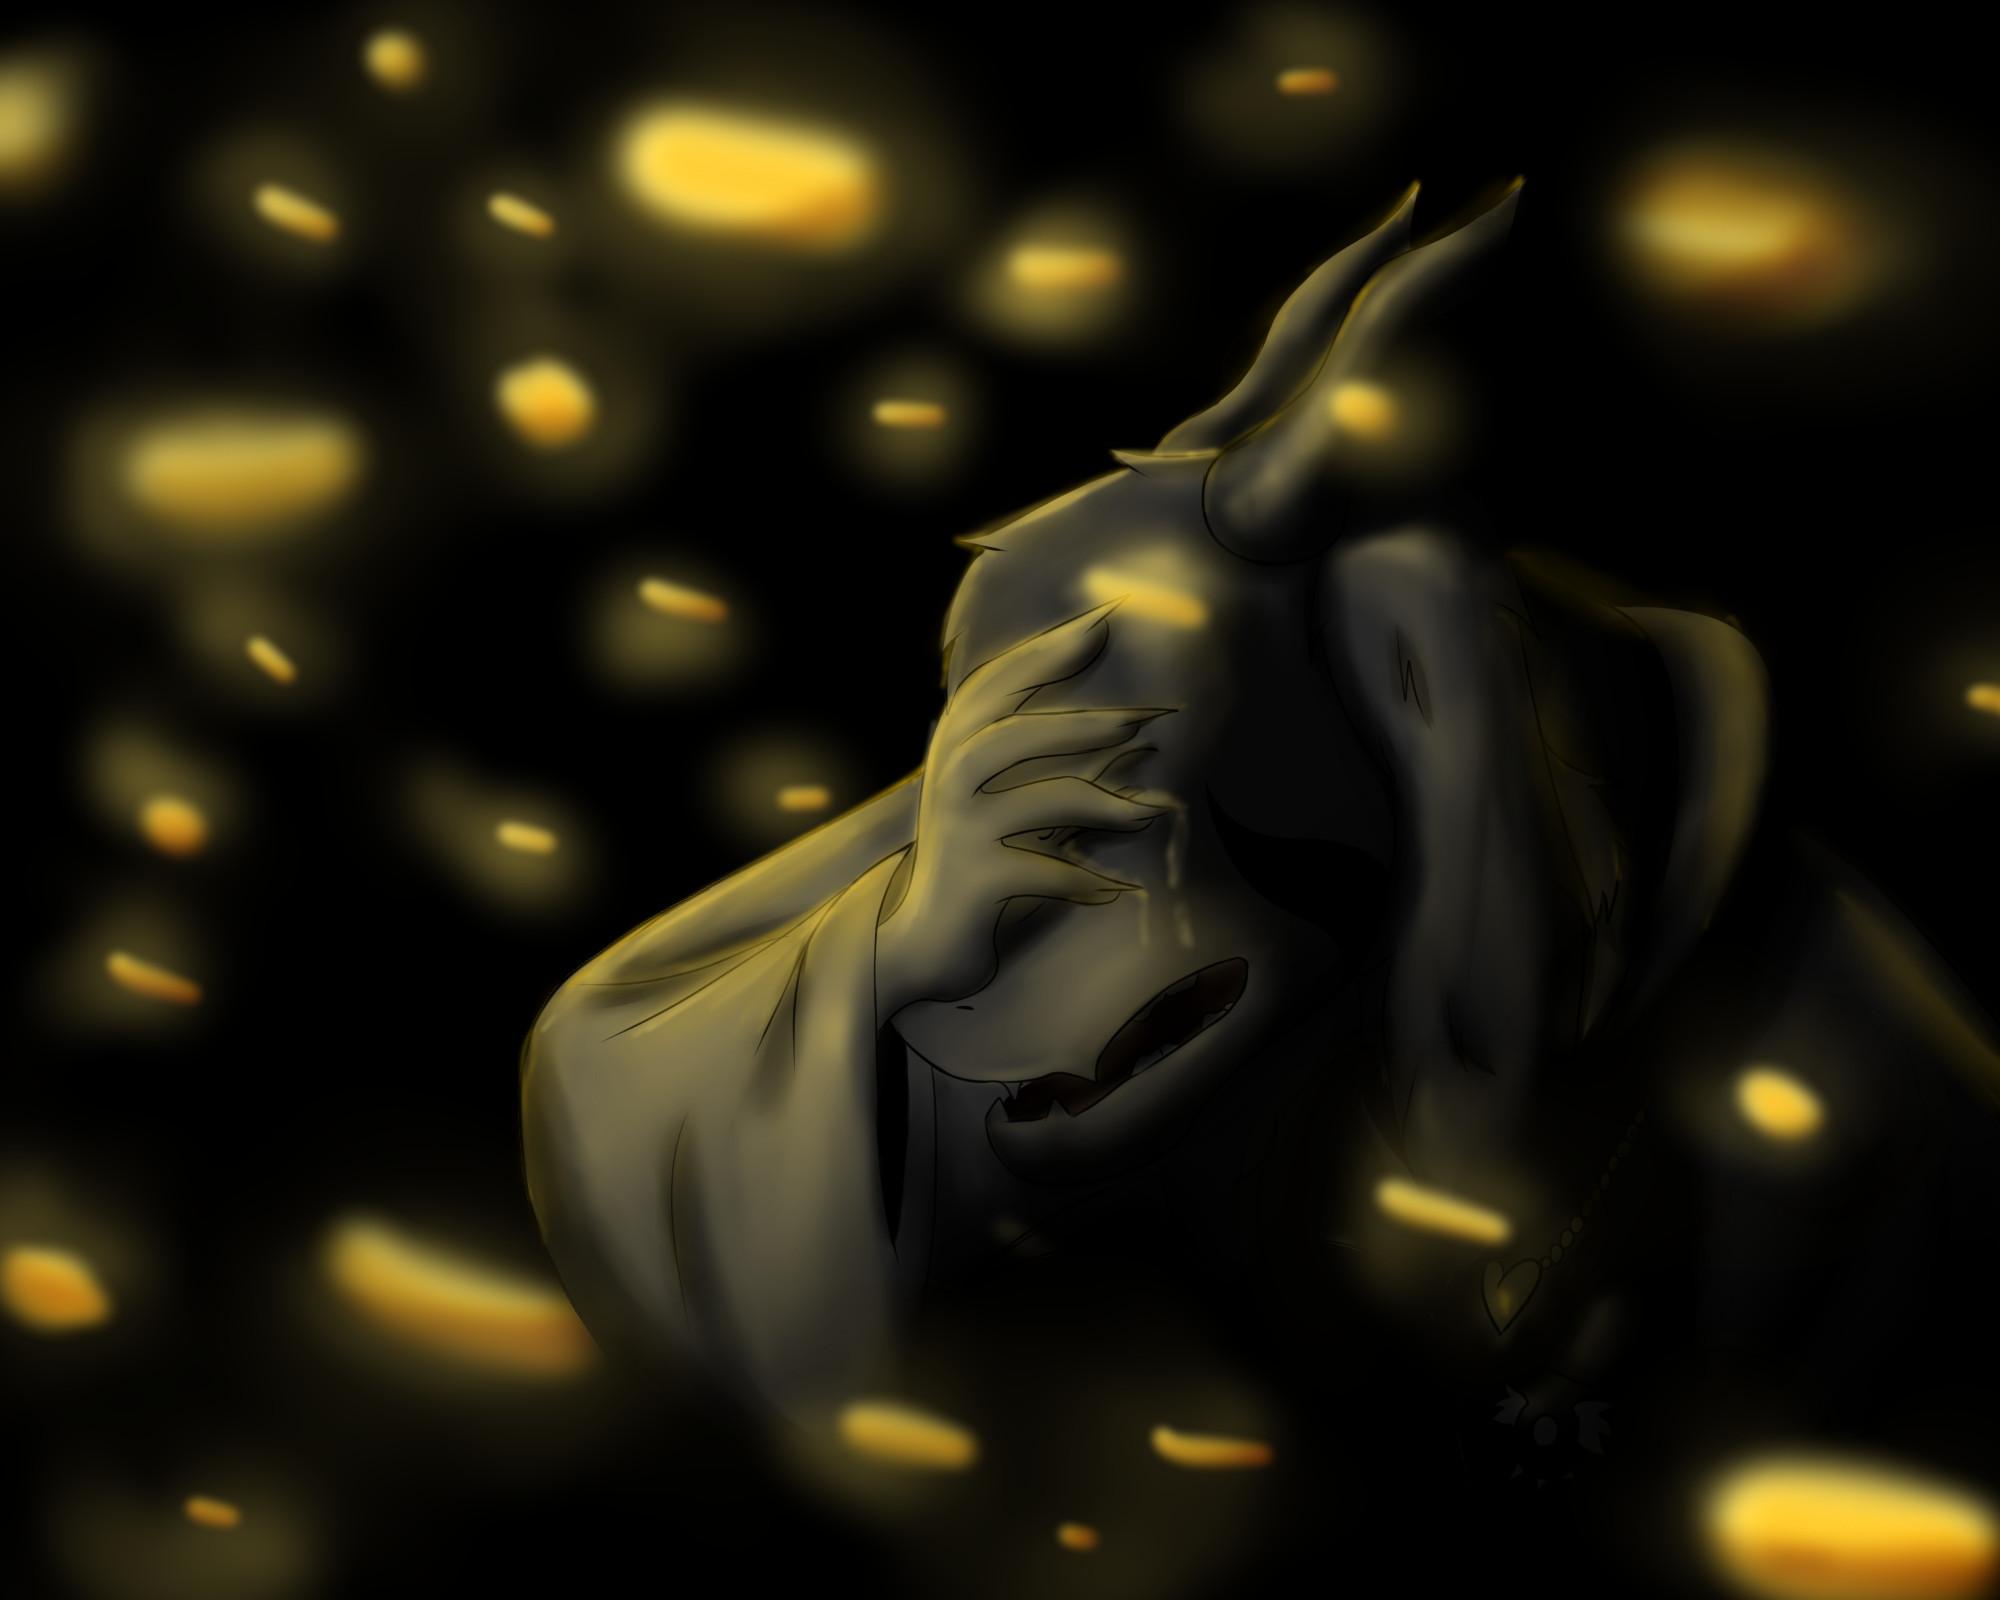 … Changing – Asriel Dreemurr Undertale by Osowiala